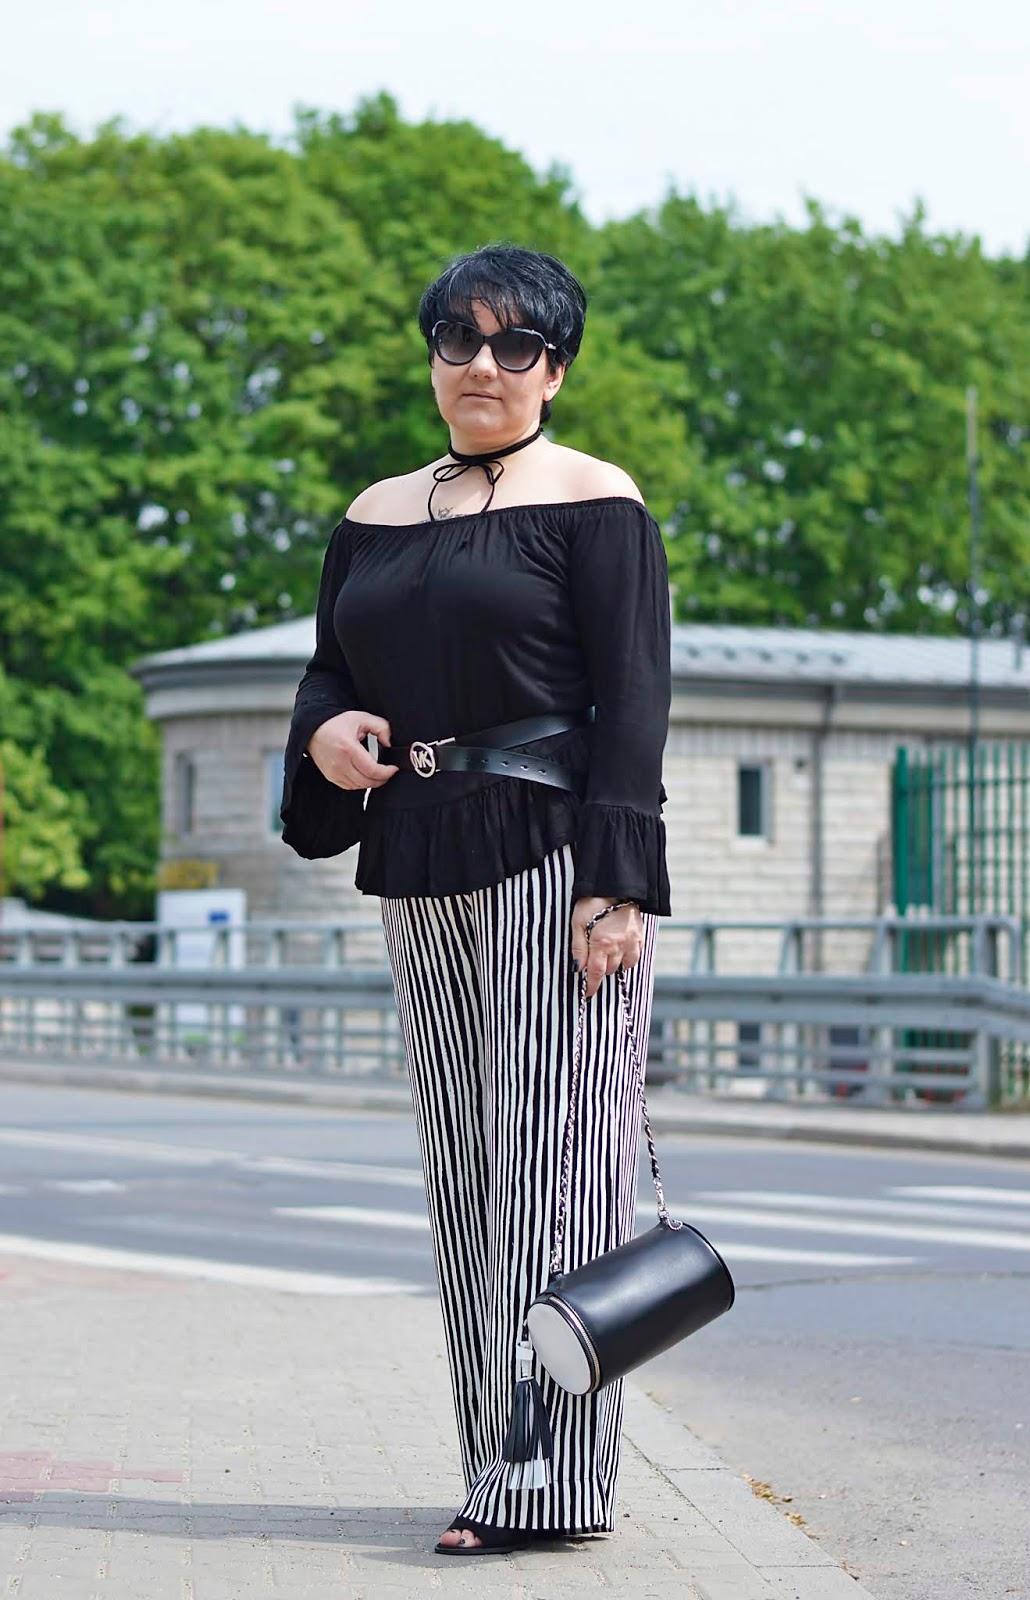 Szerokie Spodnie w Wąskie Paski   Wide Pants with Narrow Stripes